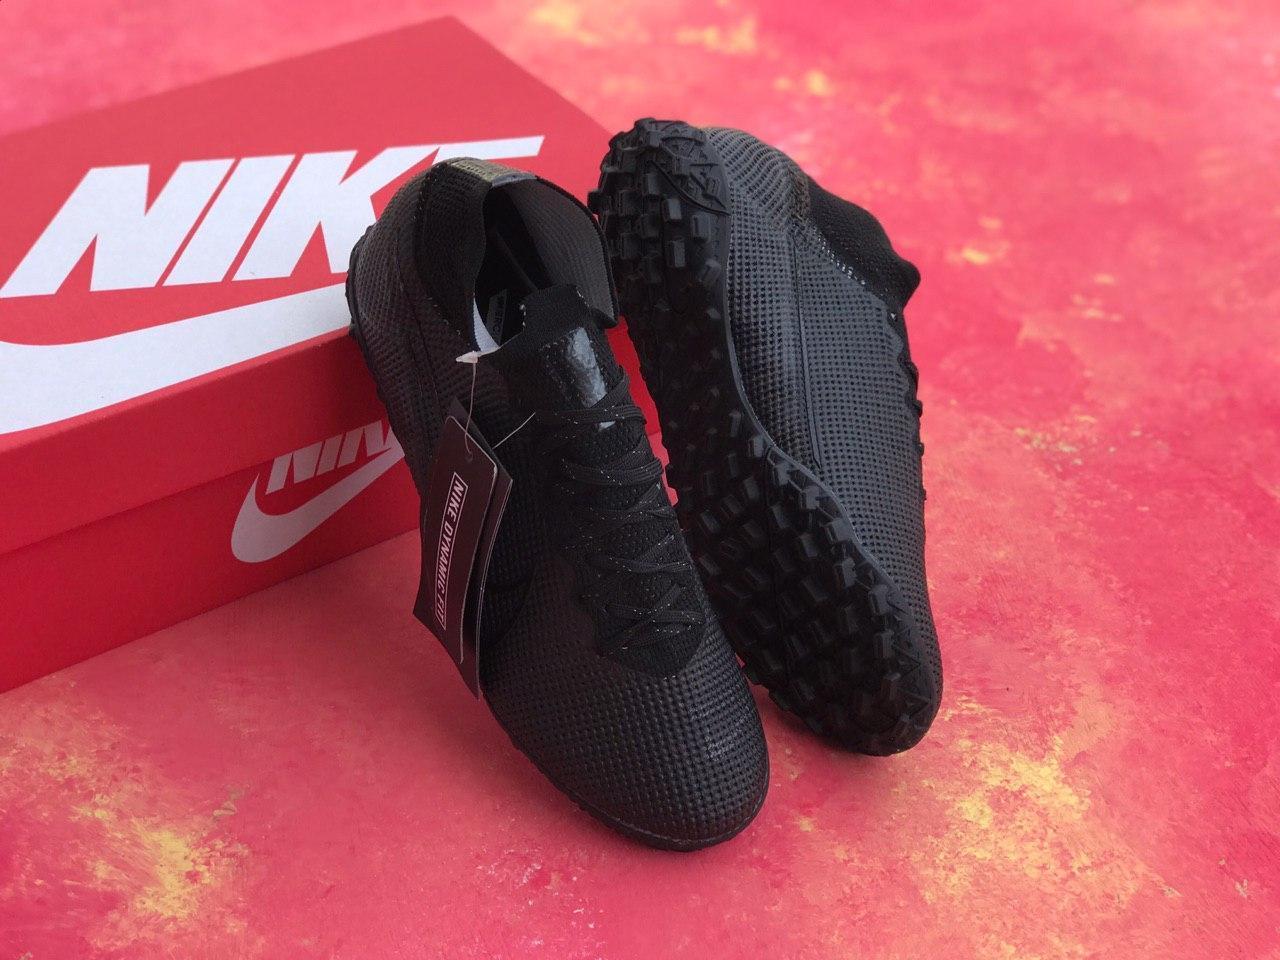 Сороконожки Nike Mercurial Vapor 13 Academy TF/футбольная обувь/найк меркуриал вапор черные